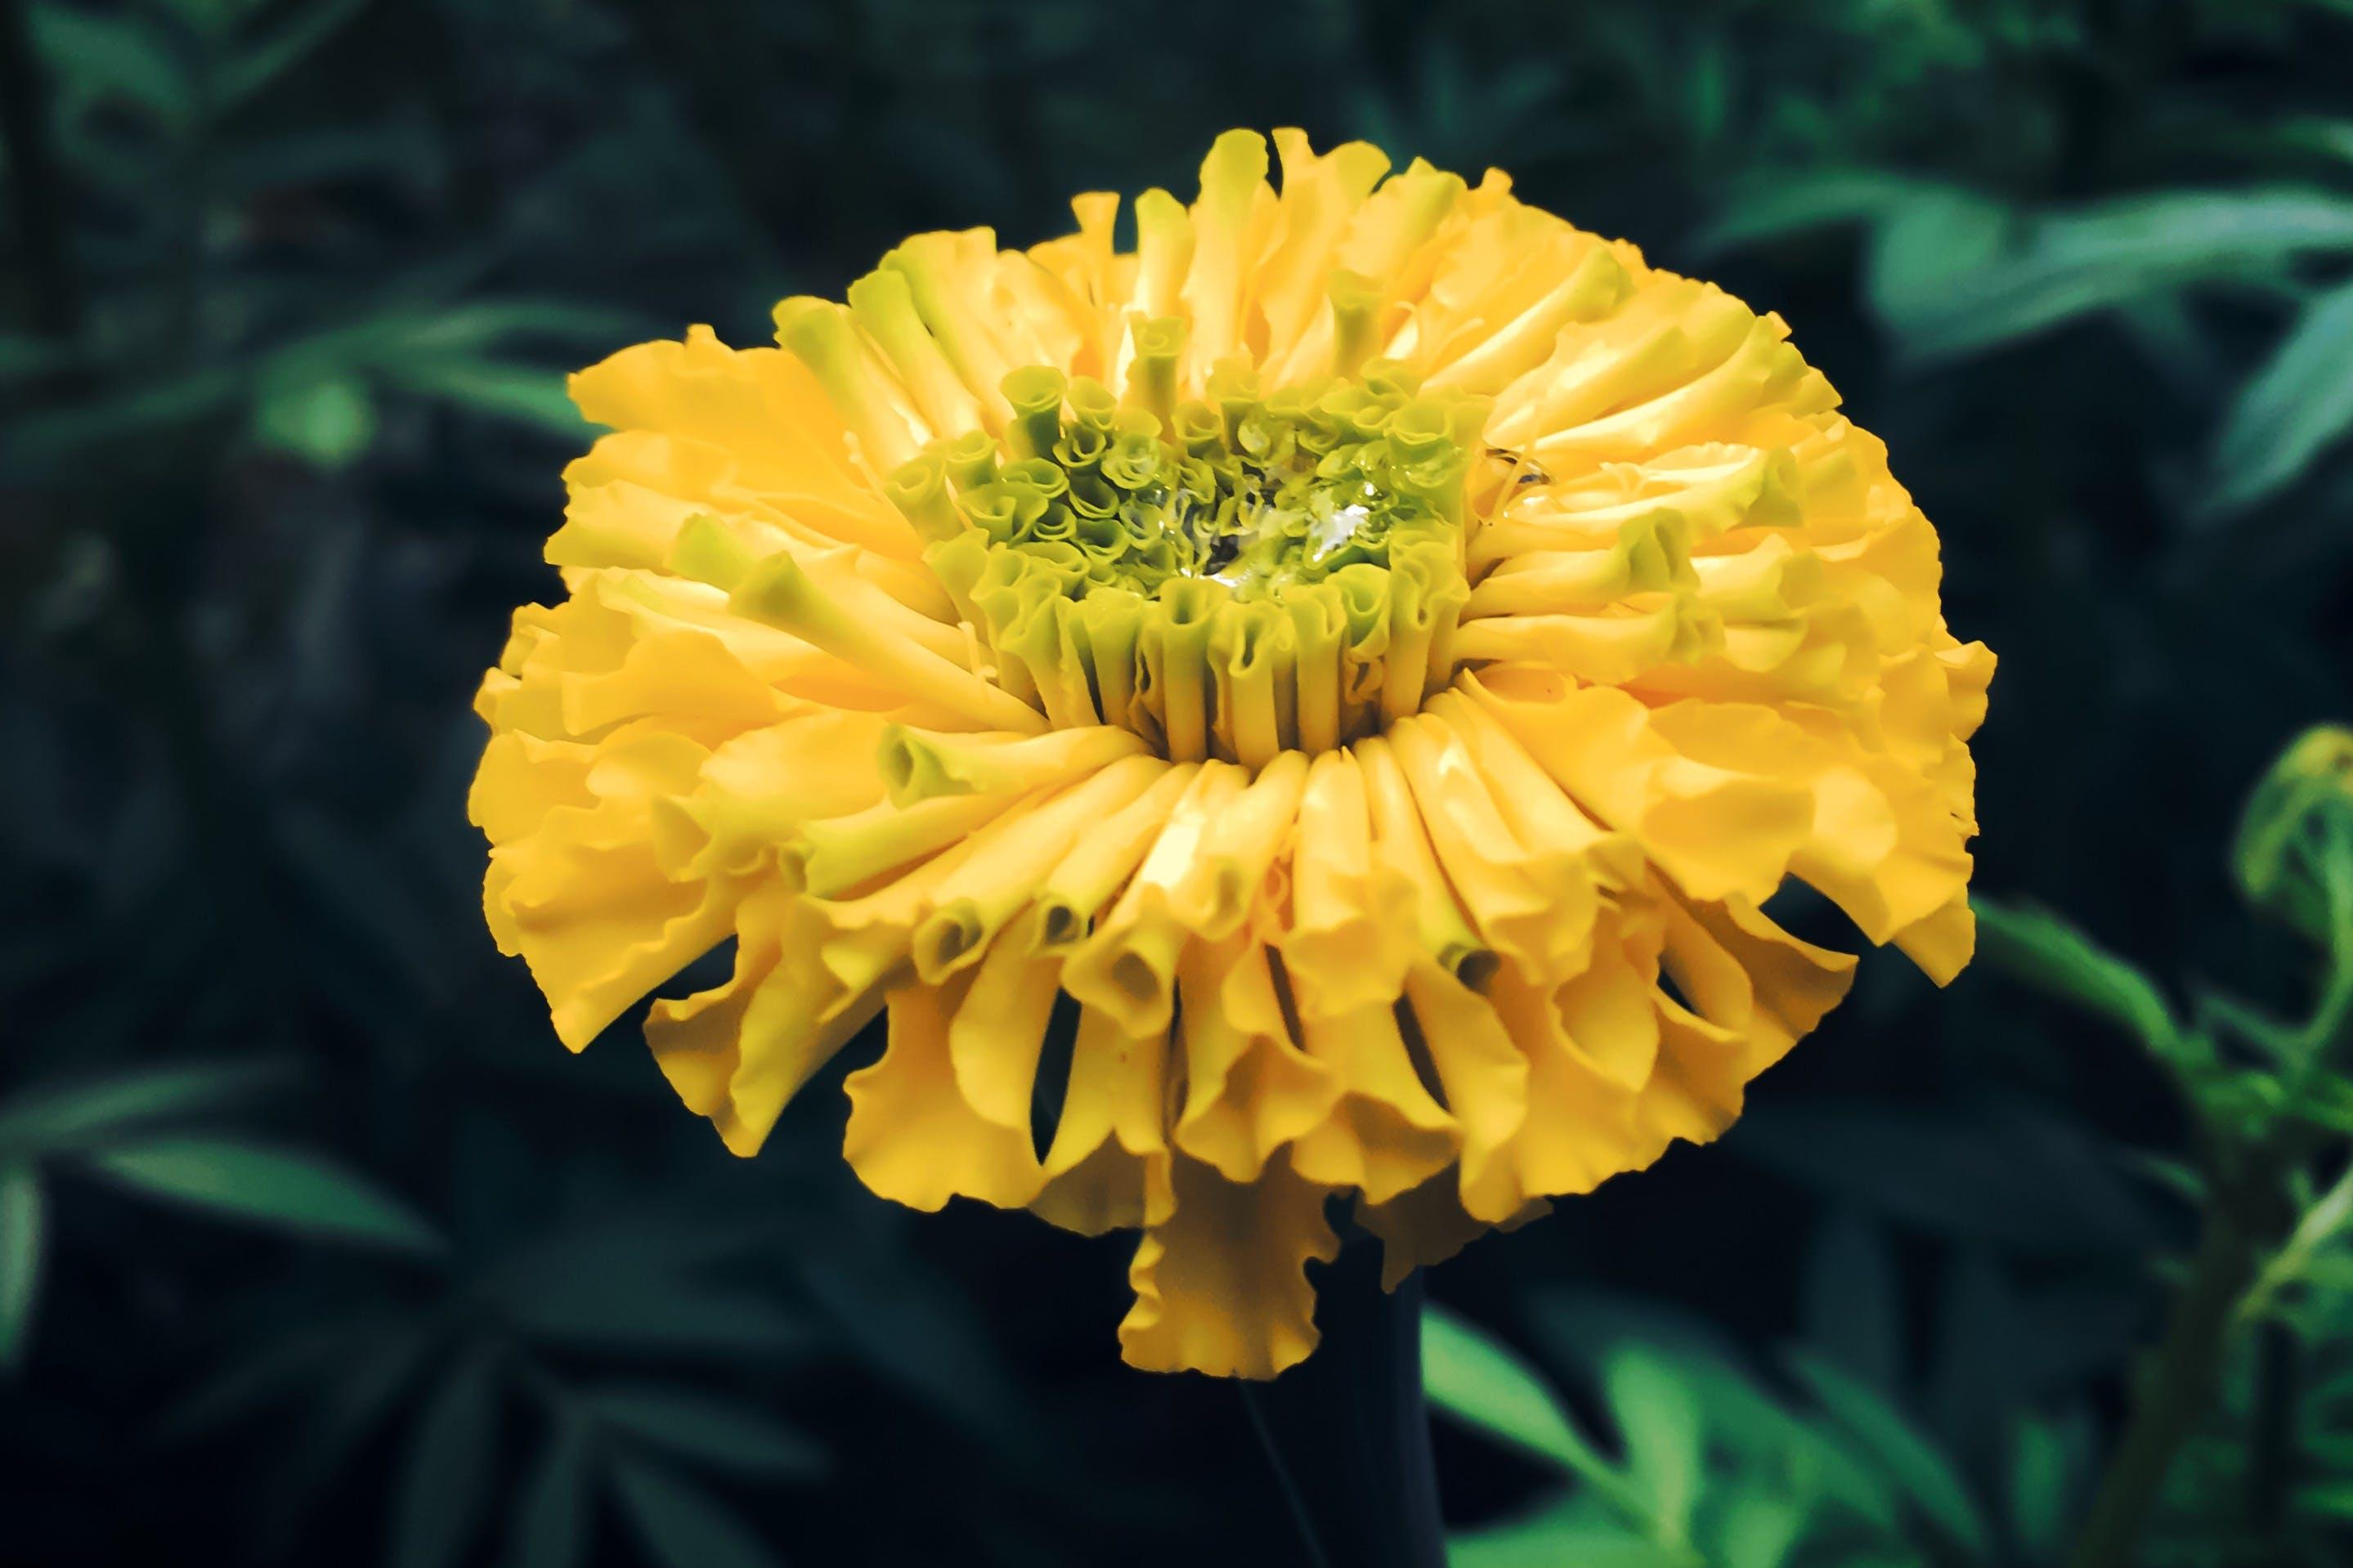 Δωρεάν στοκ φωτογραφιών με κίτρινη, λουλουδιασμένος, όμορφα λουλούδια